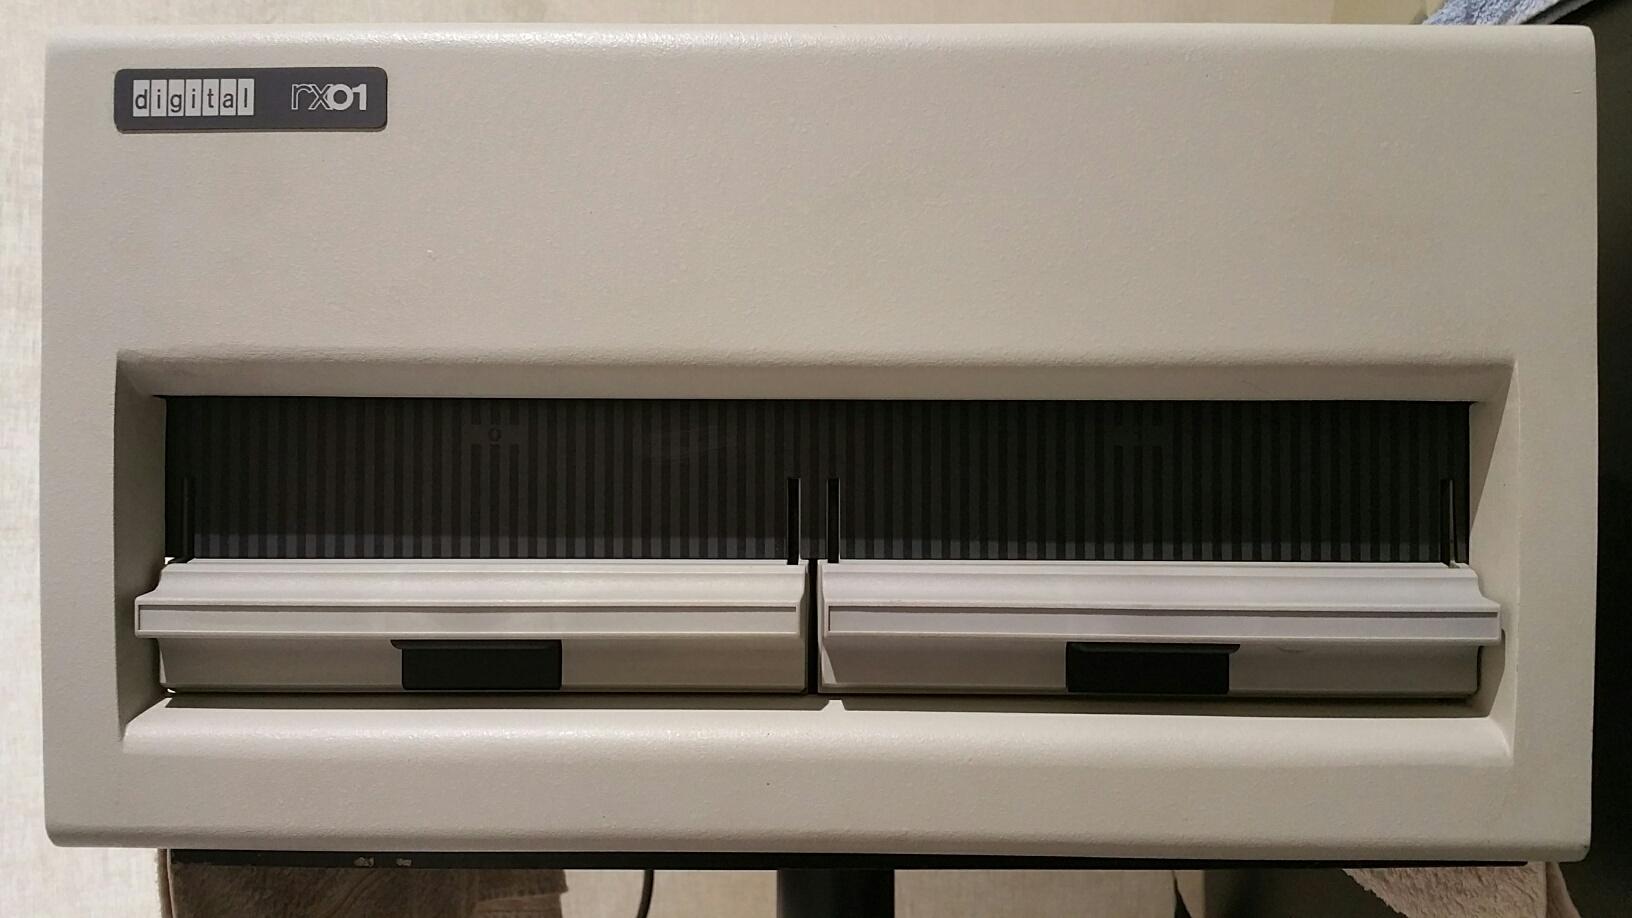 DEC RX01 floppy disc drives – vintage bits